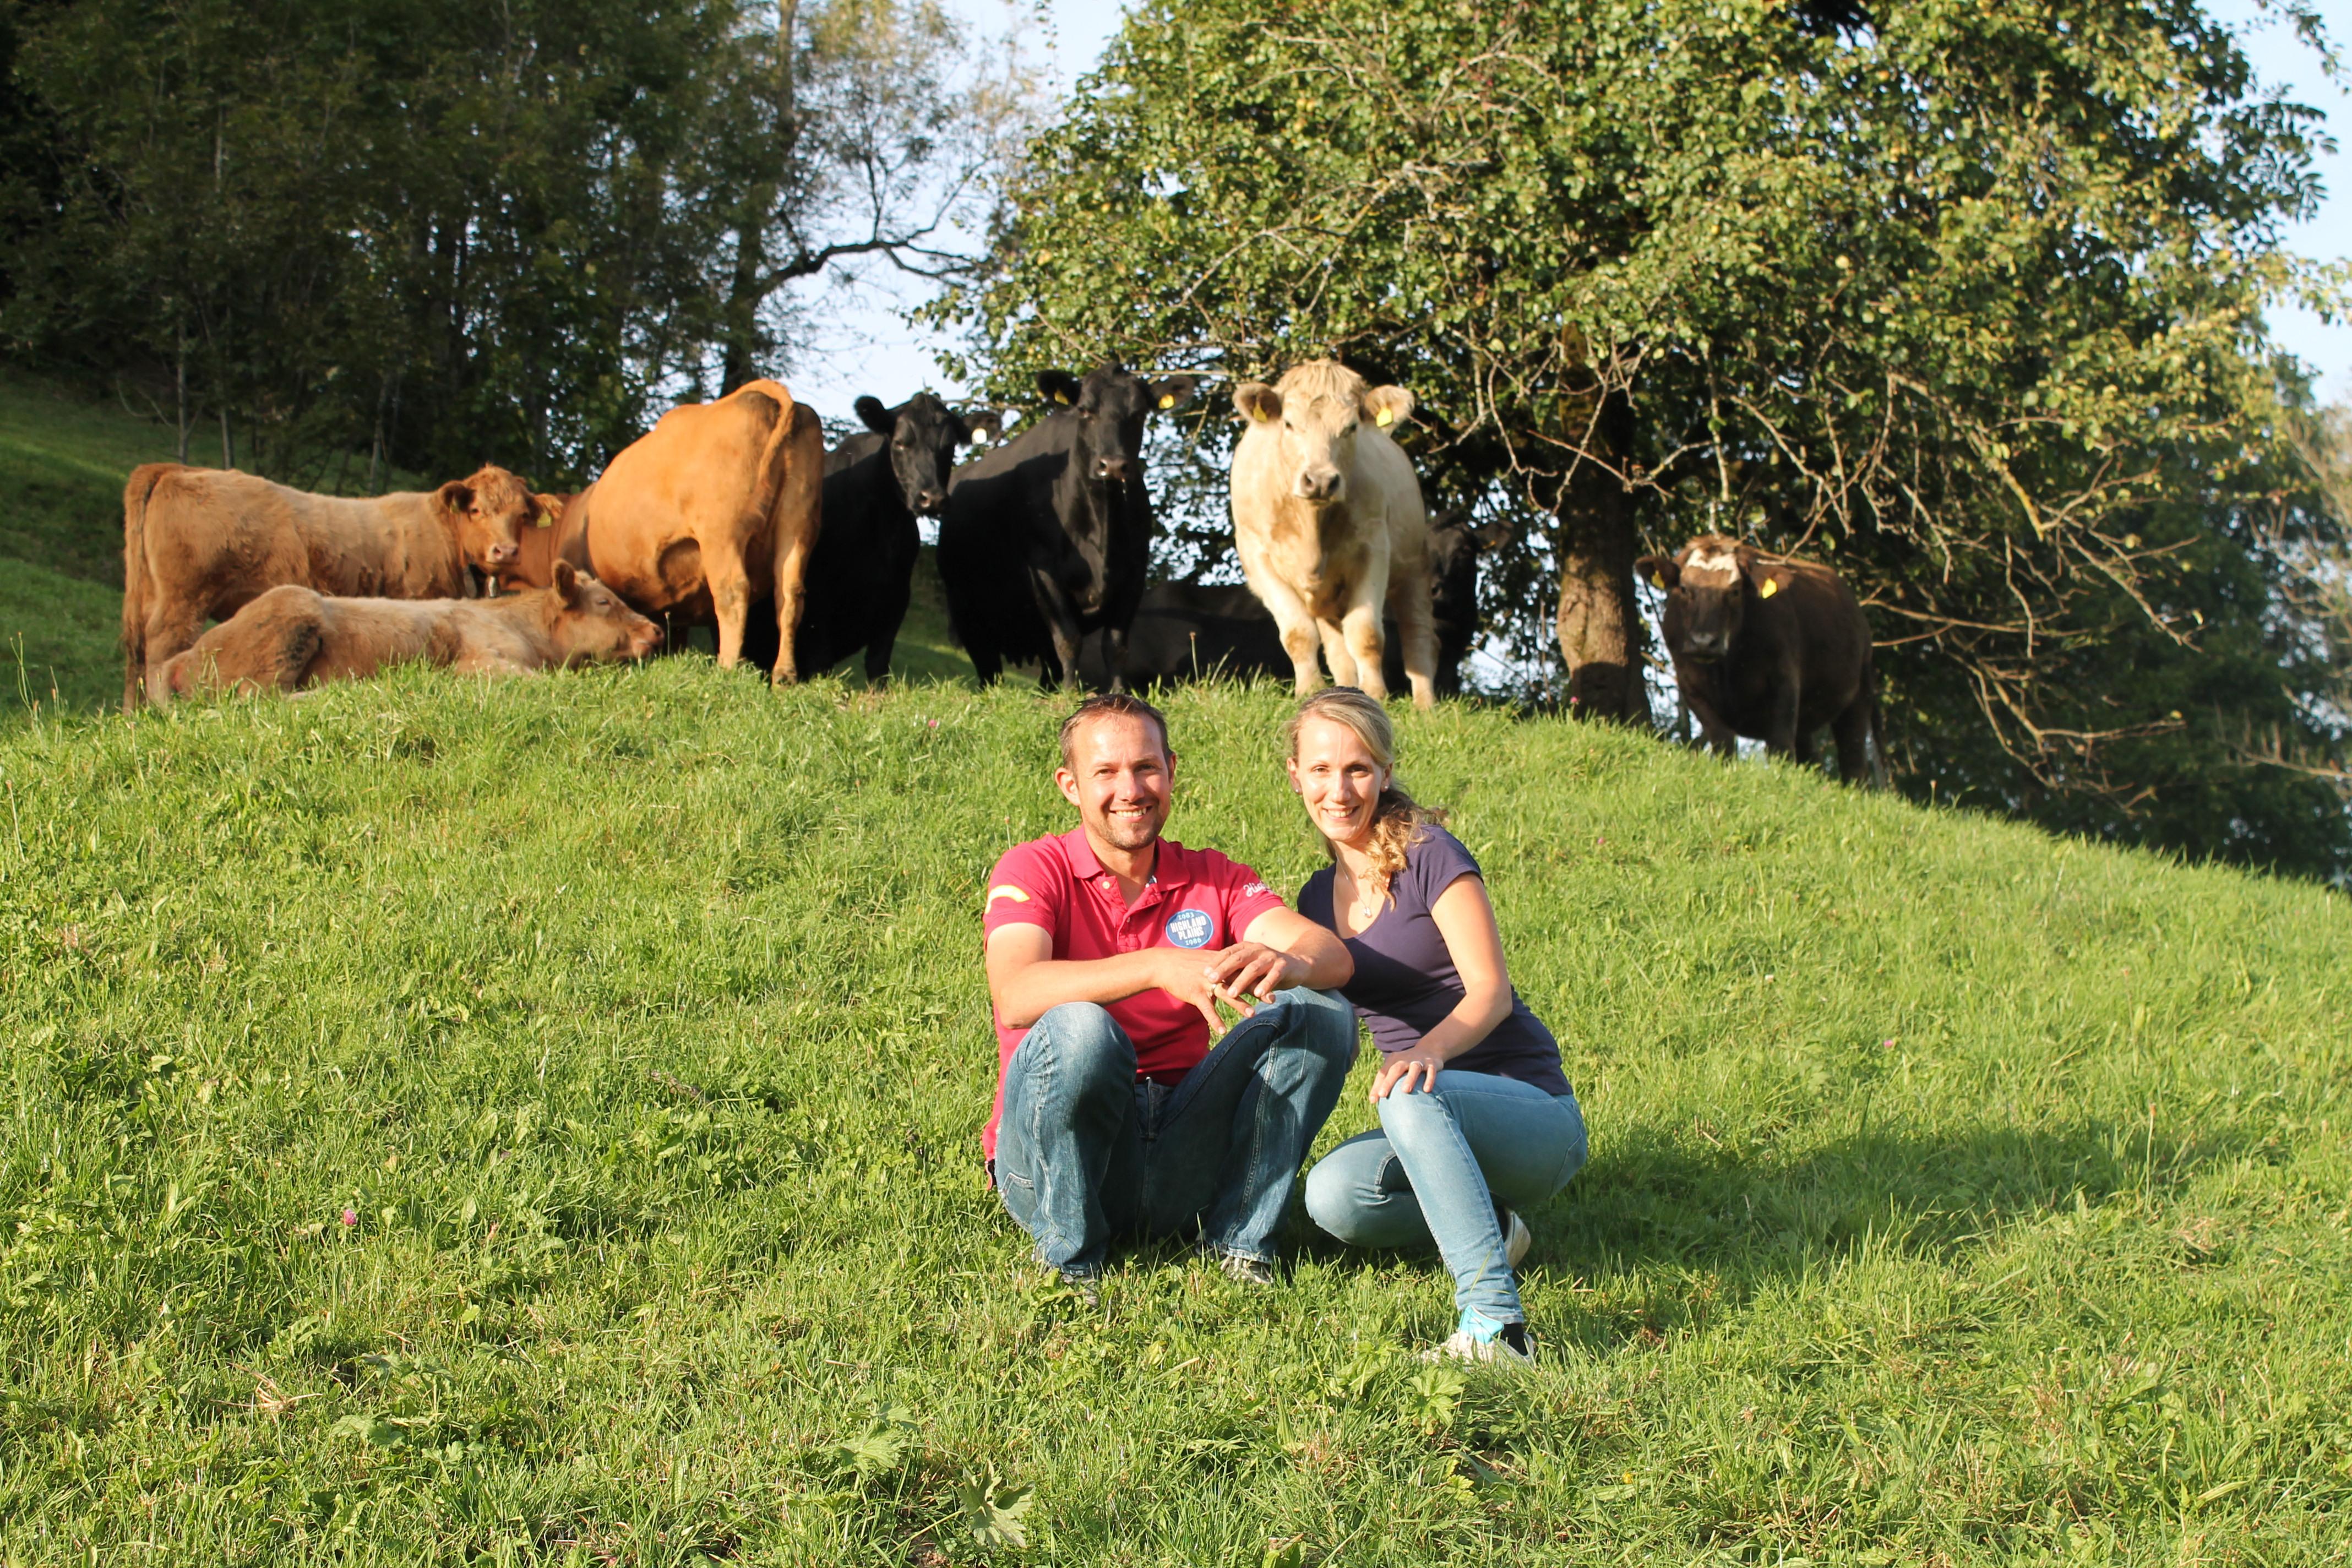 Die Vorarlberger Tierschutzpreisträger 2016 Ulrike und Michael Gassner aus St. Gerold mit ihren glücklichen Angus-Rindern und Charolais-Stier